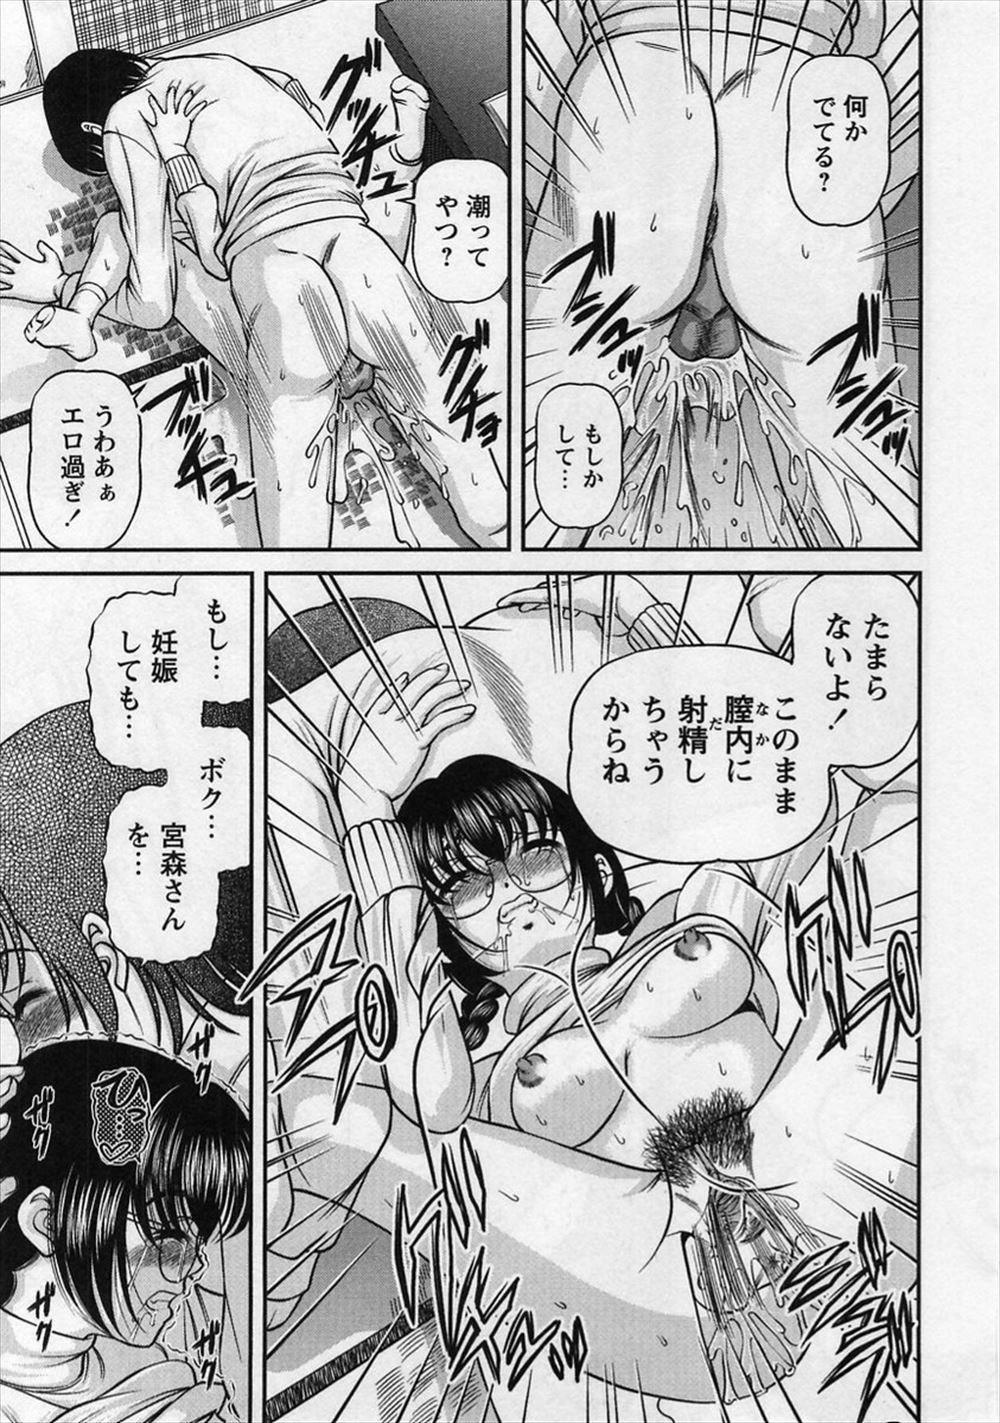 【エロ漫画同人誌】お向かいさんの低身長で巨乳女子校生の宮森さんと夜一緒に勉強してたら隣の部屋の人がセックスしだして…w 017